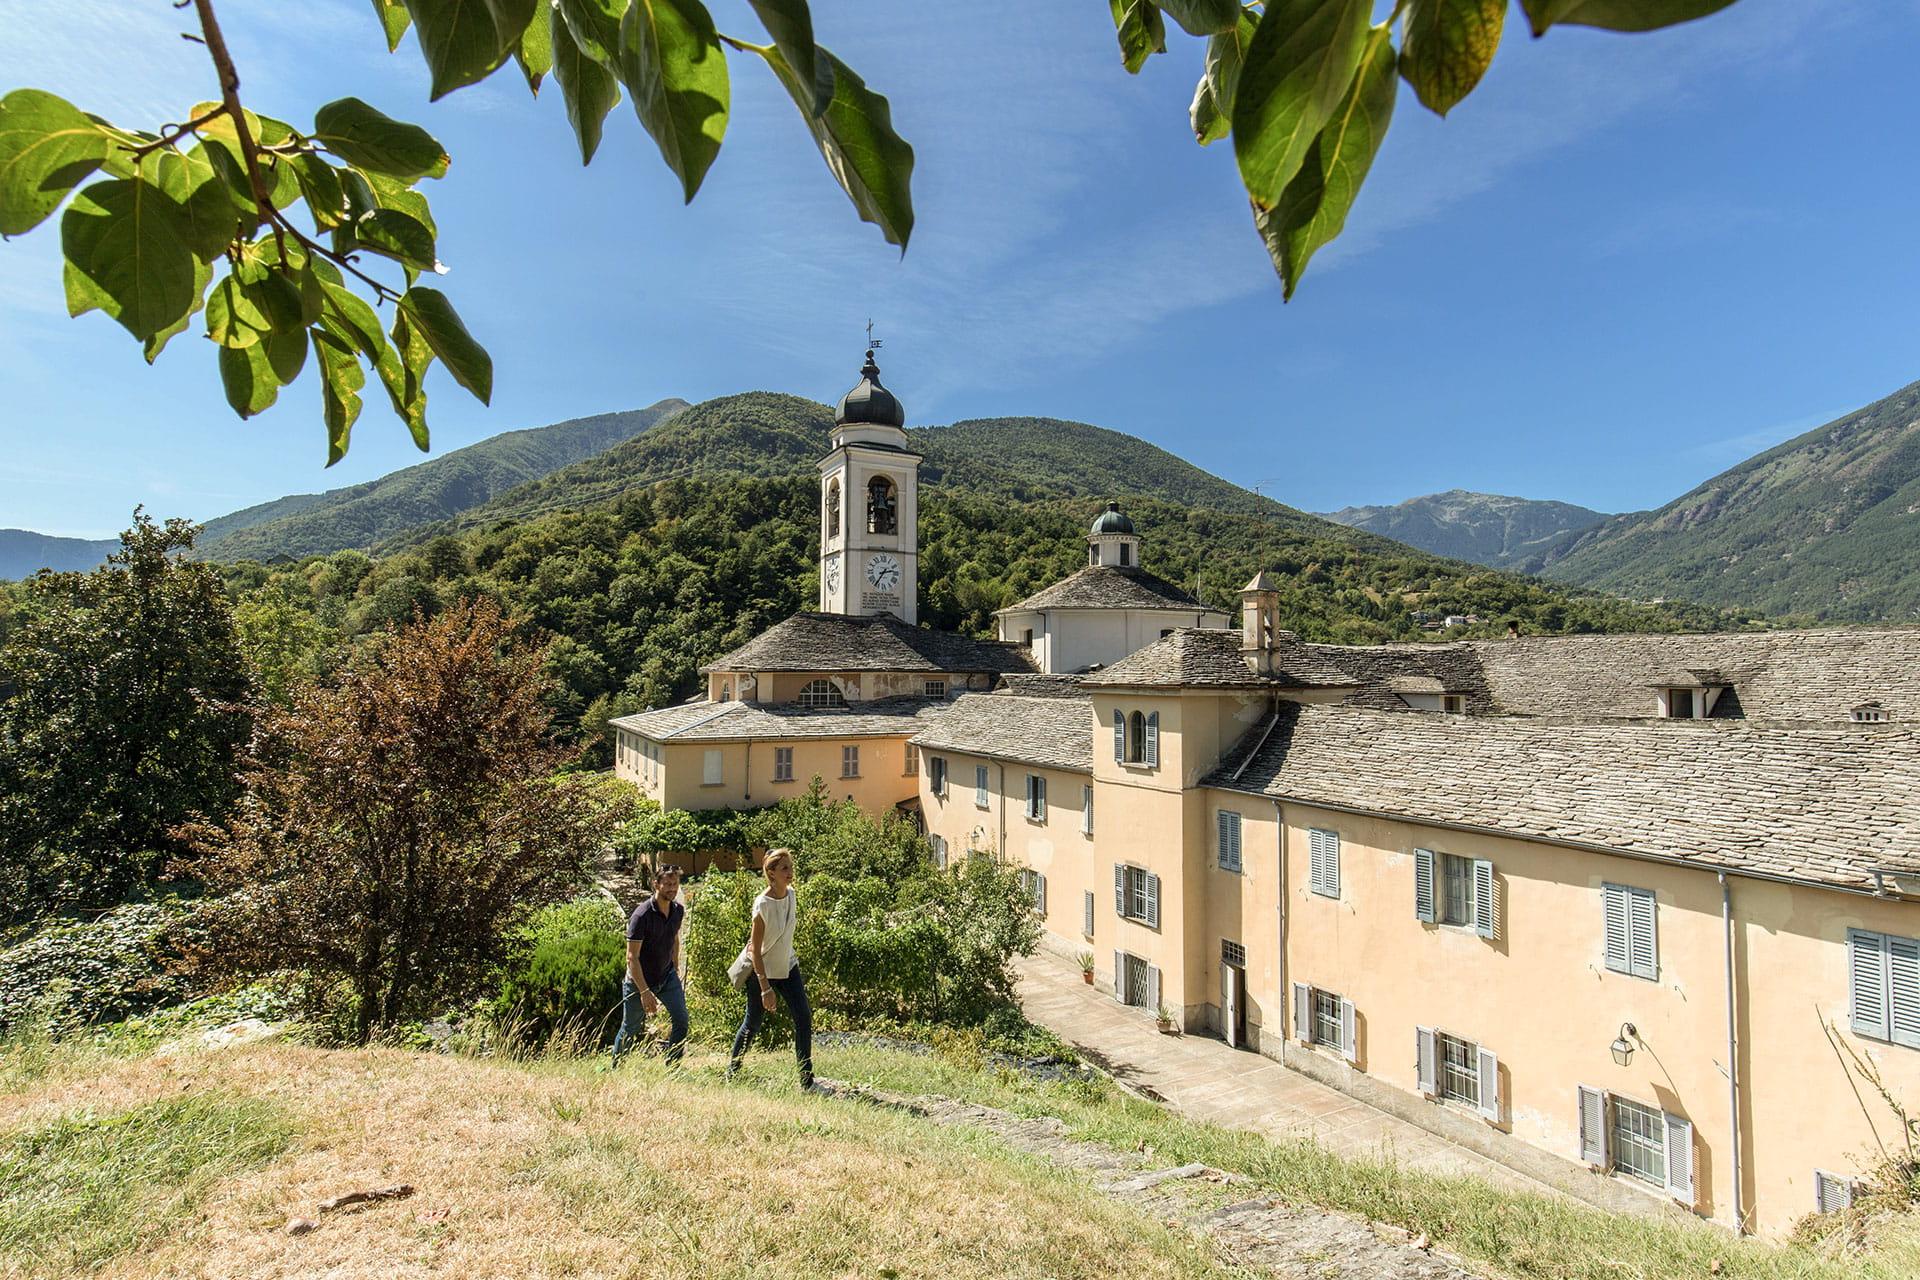 Domodossola - Monte Calvario - Pilgerweg